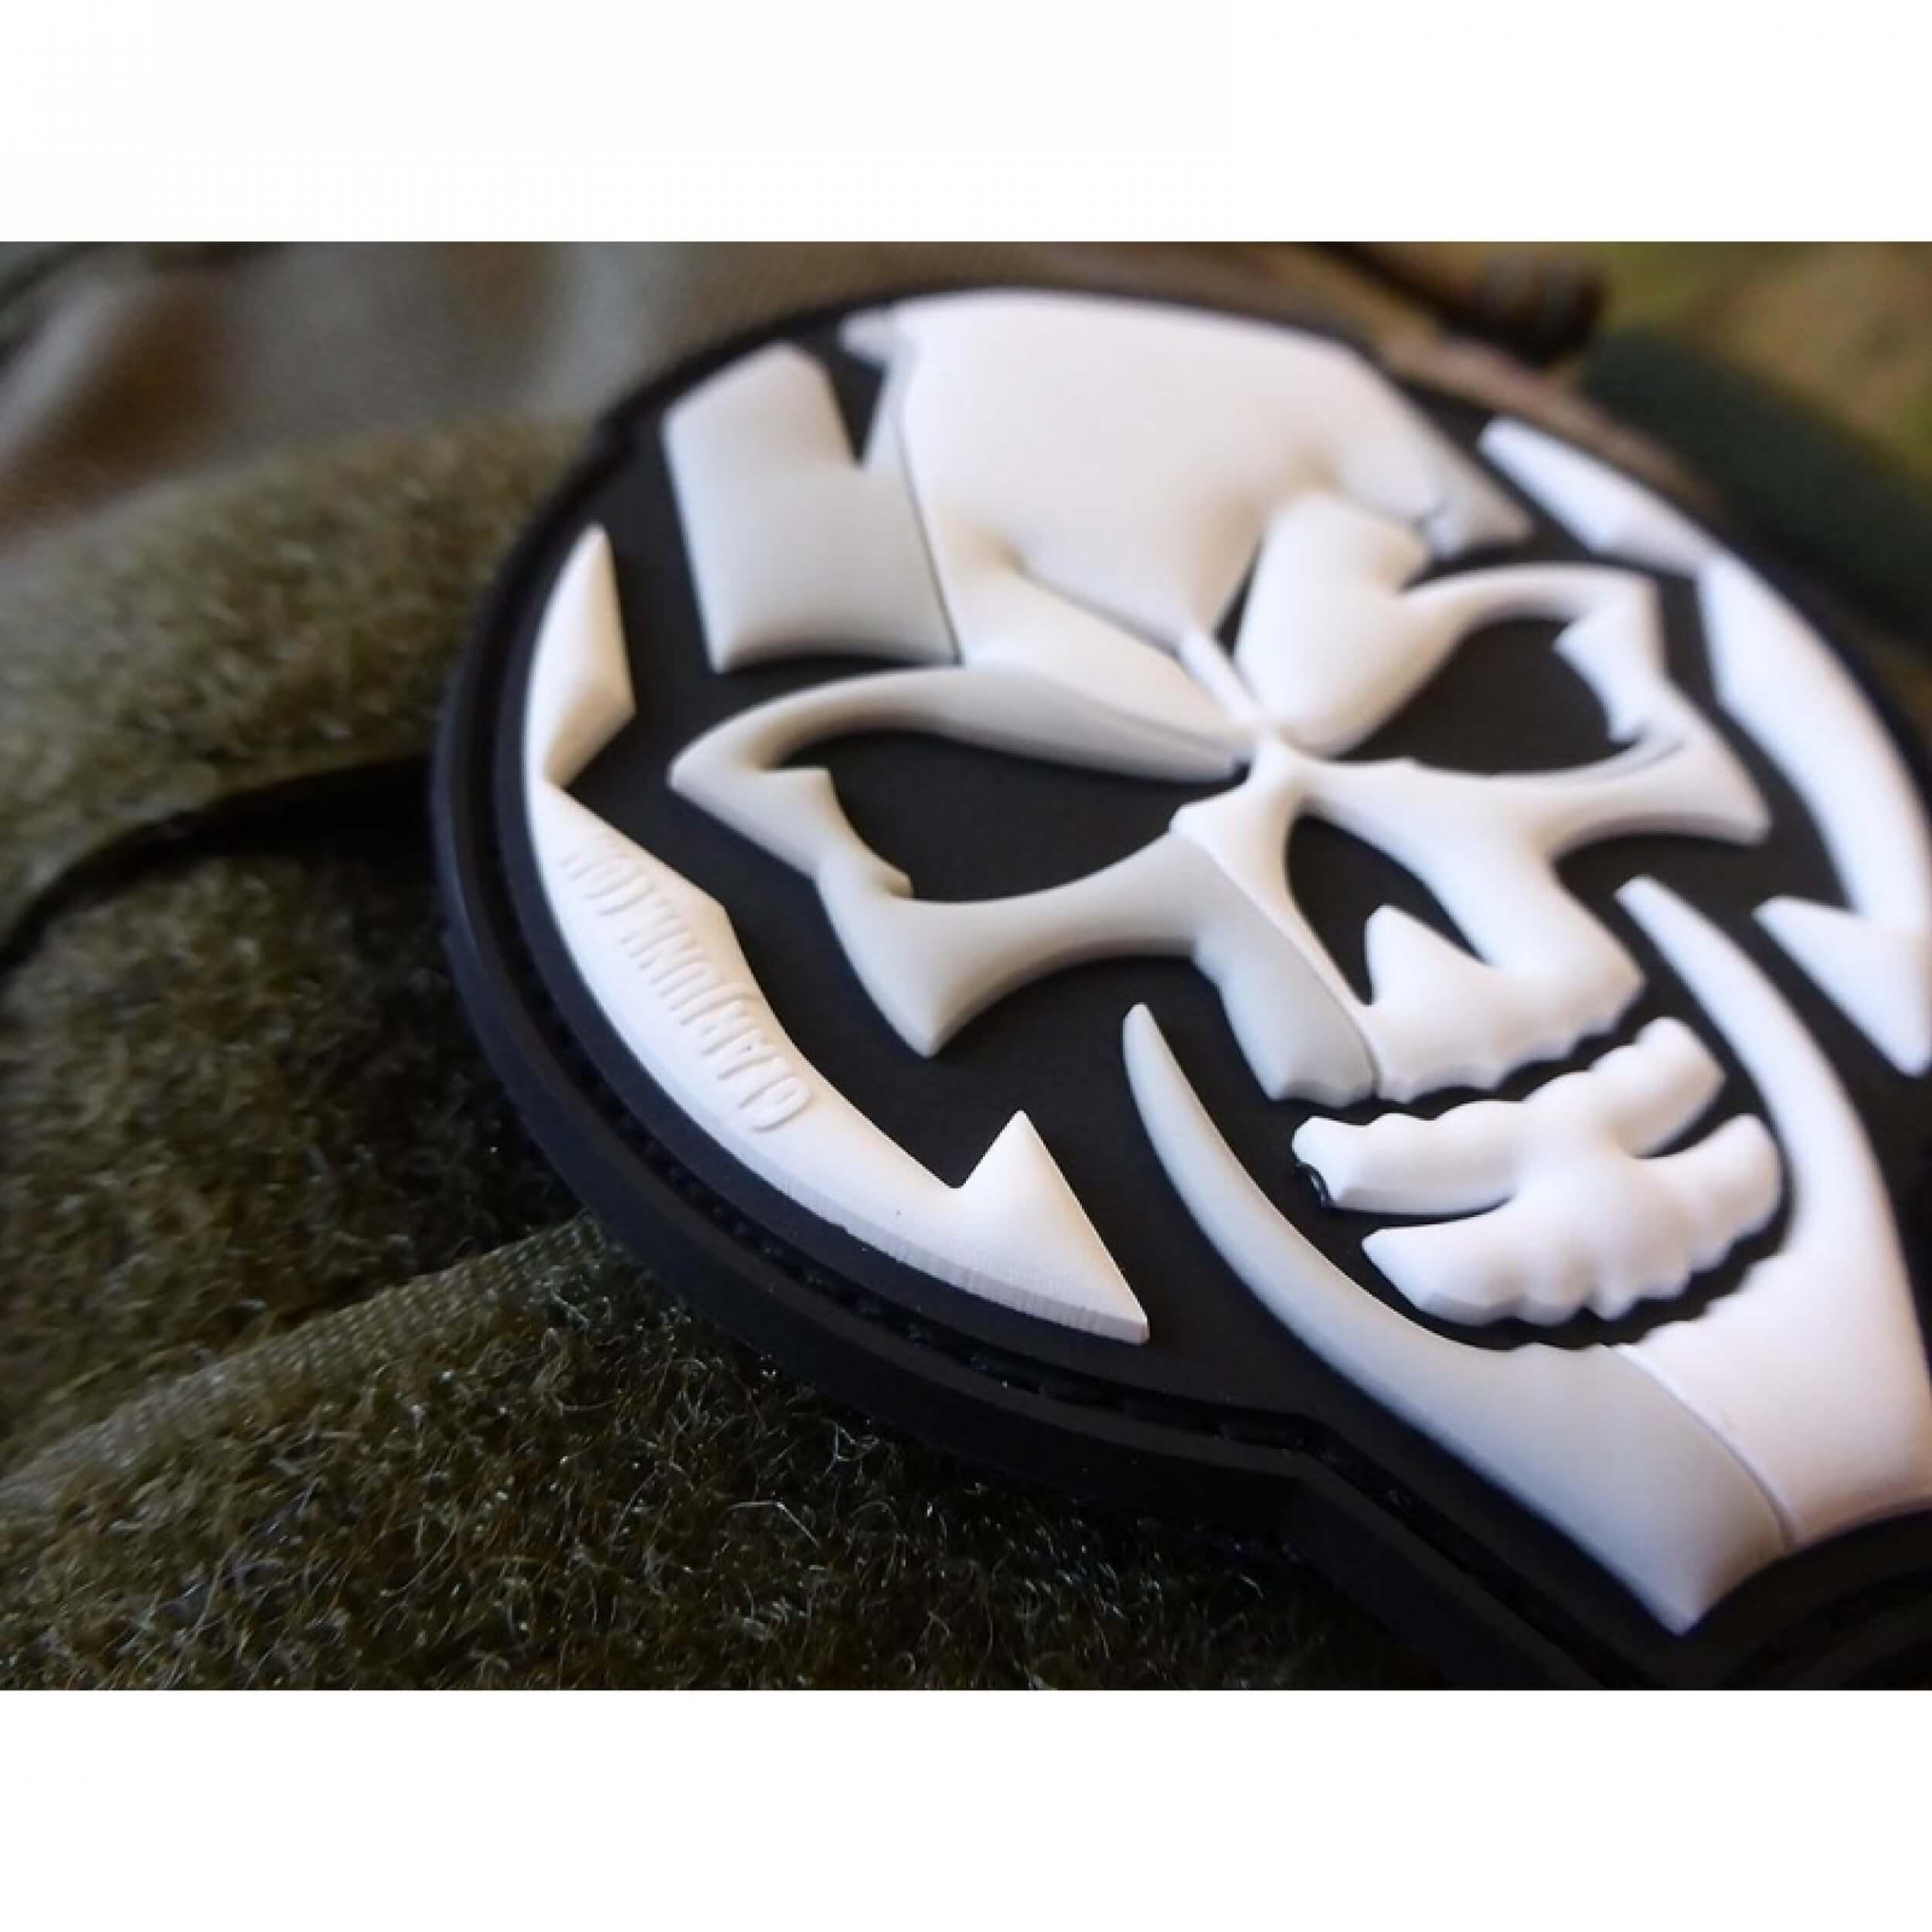 JTG GEARJUNK SKULL 3D Rubber Patch